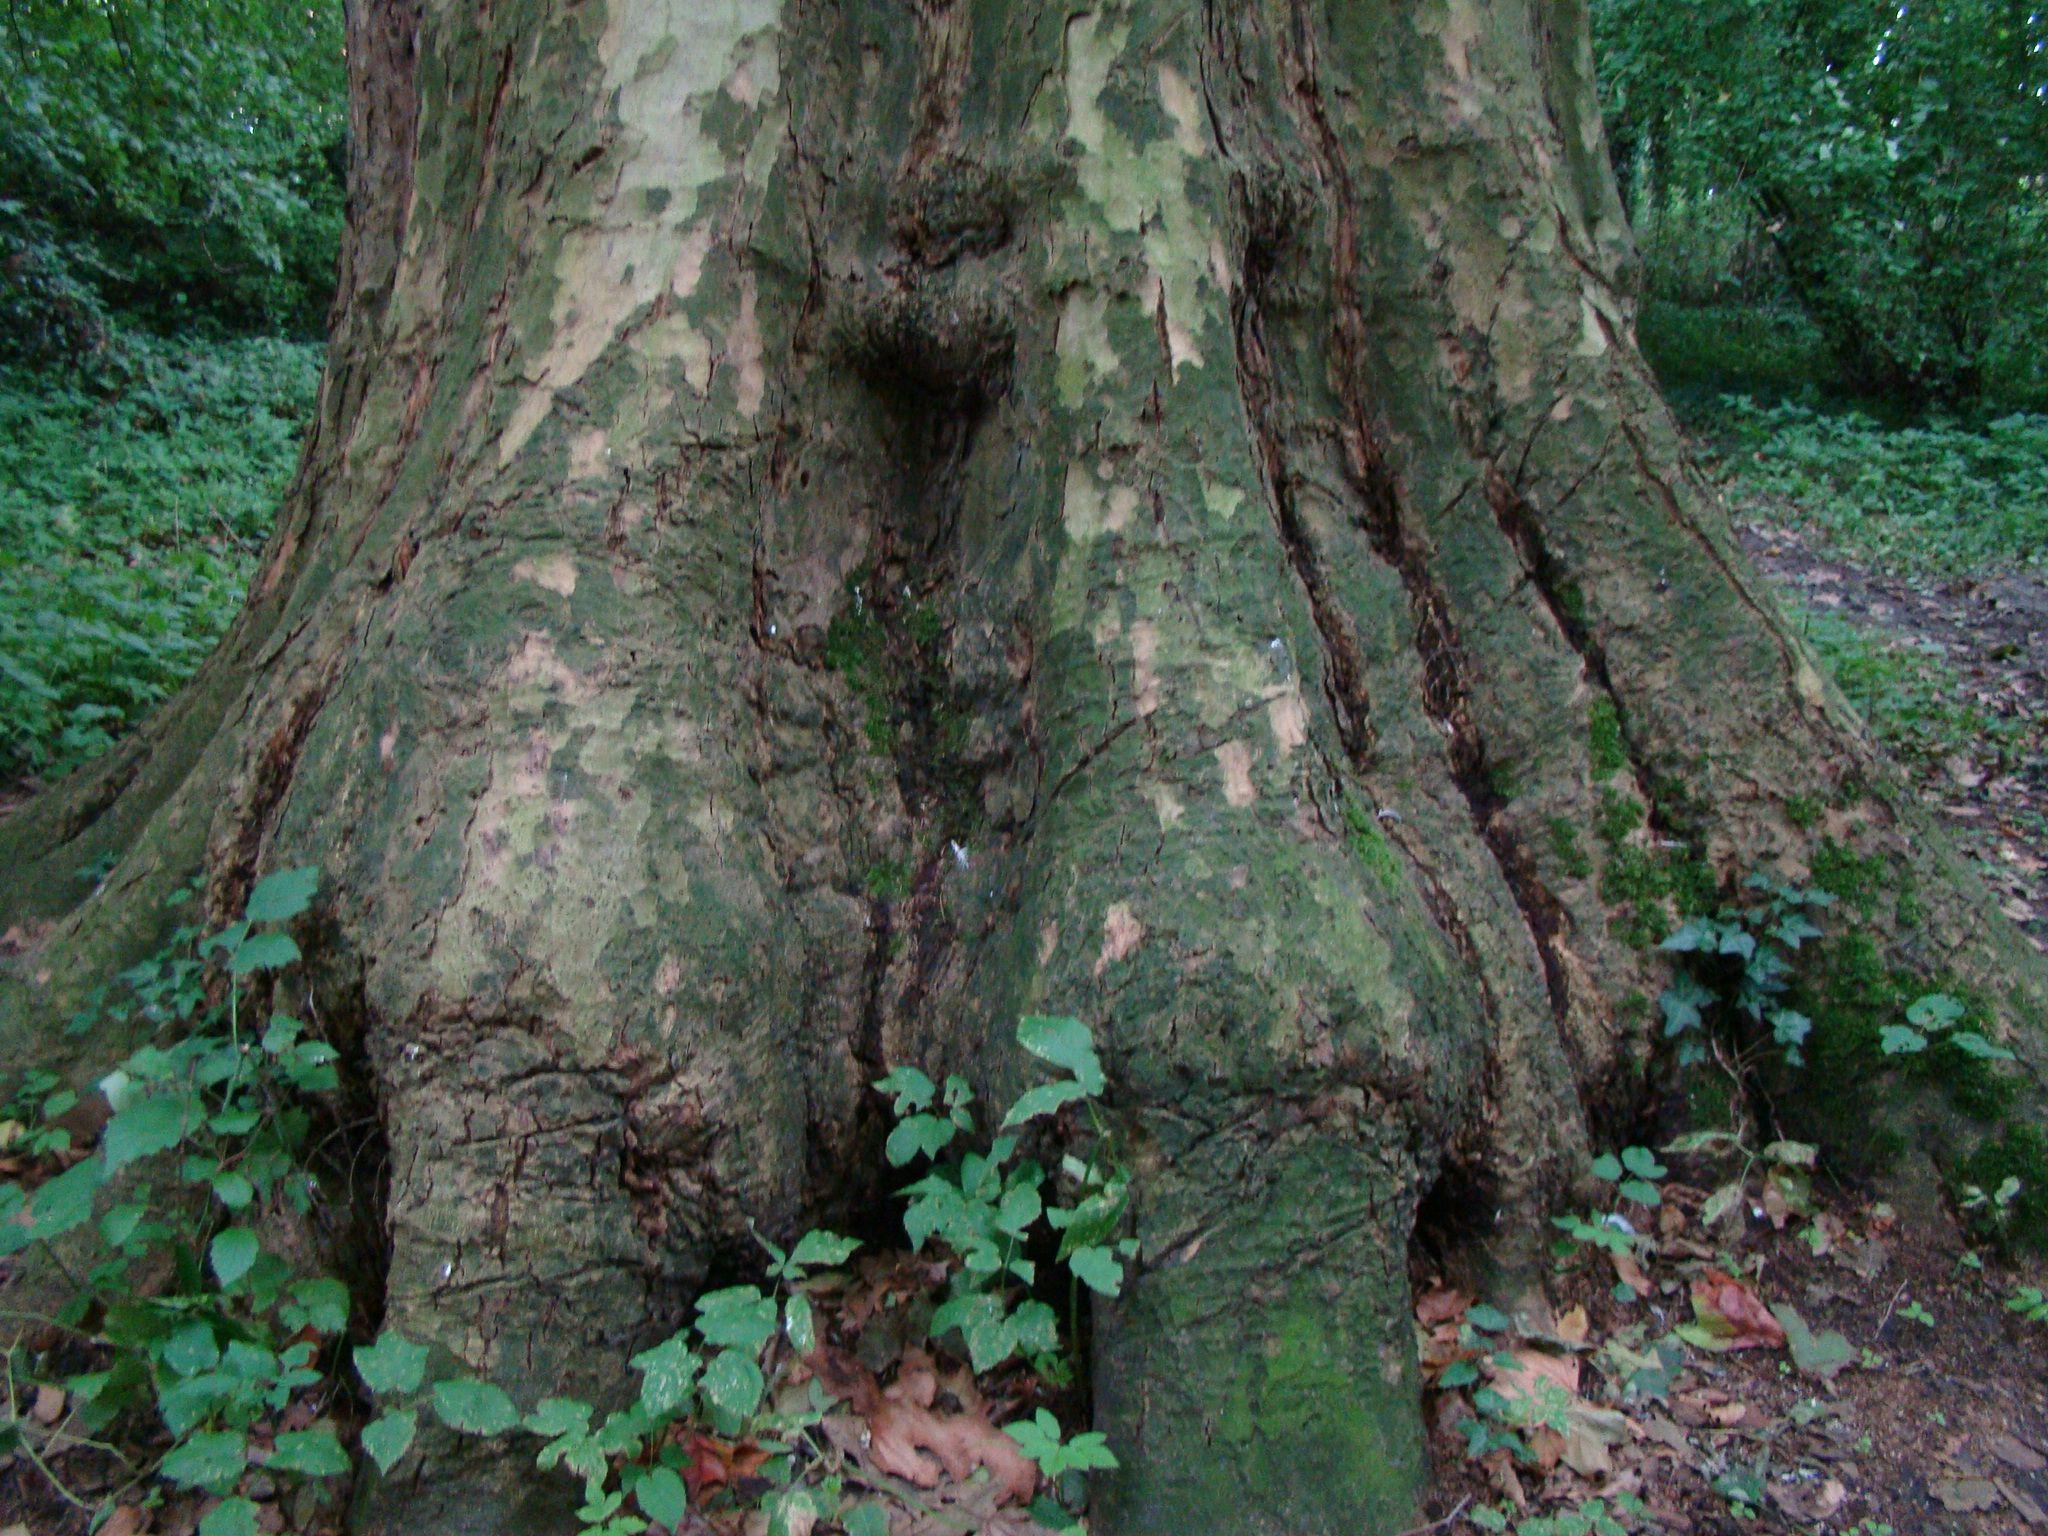 Stamvoet van een plataan. (Foto Linda Geus-Boone)